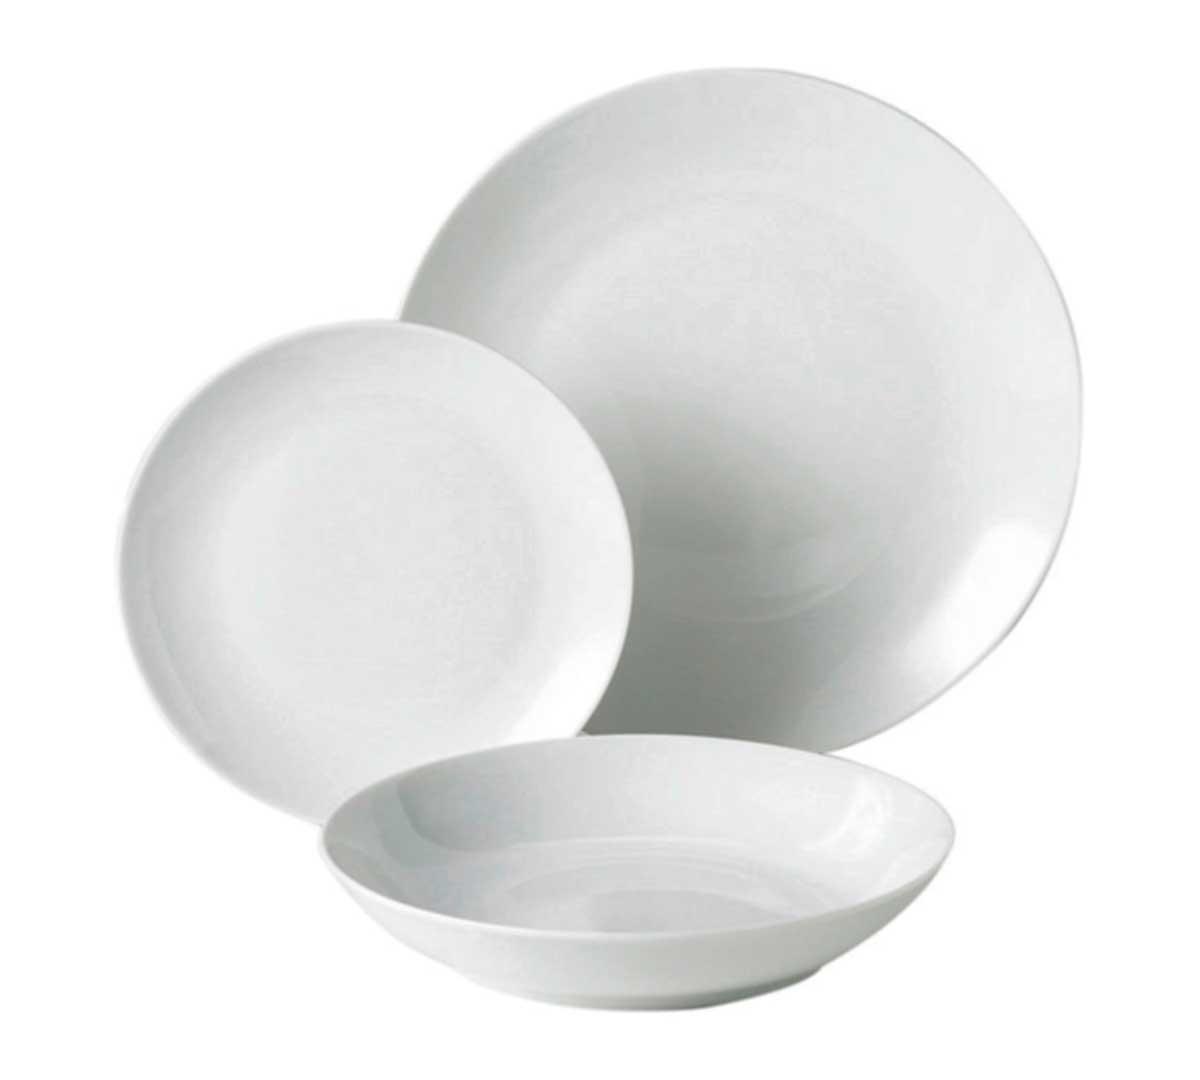 vajilla porcelana blanca de olympia